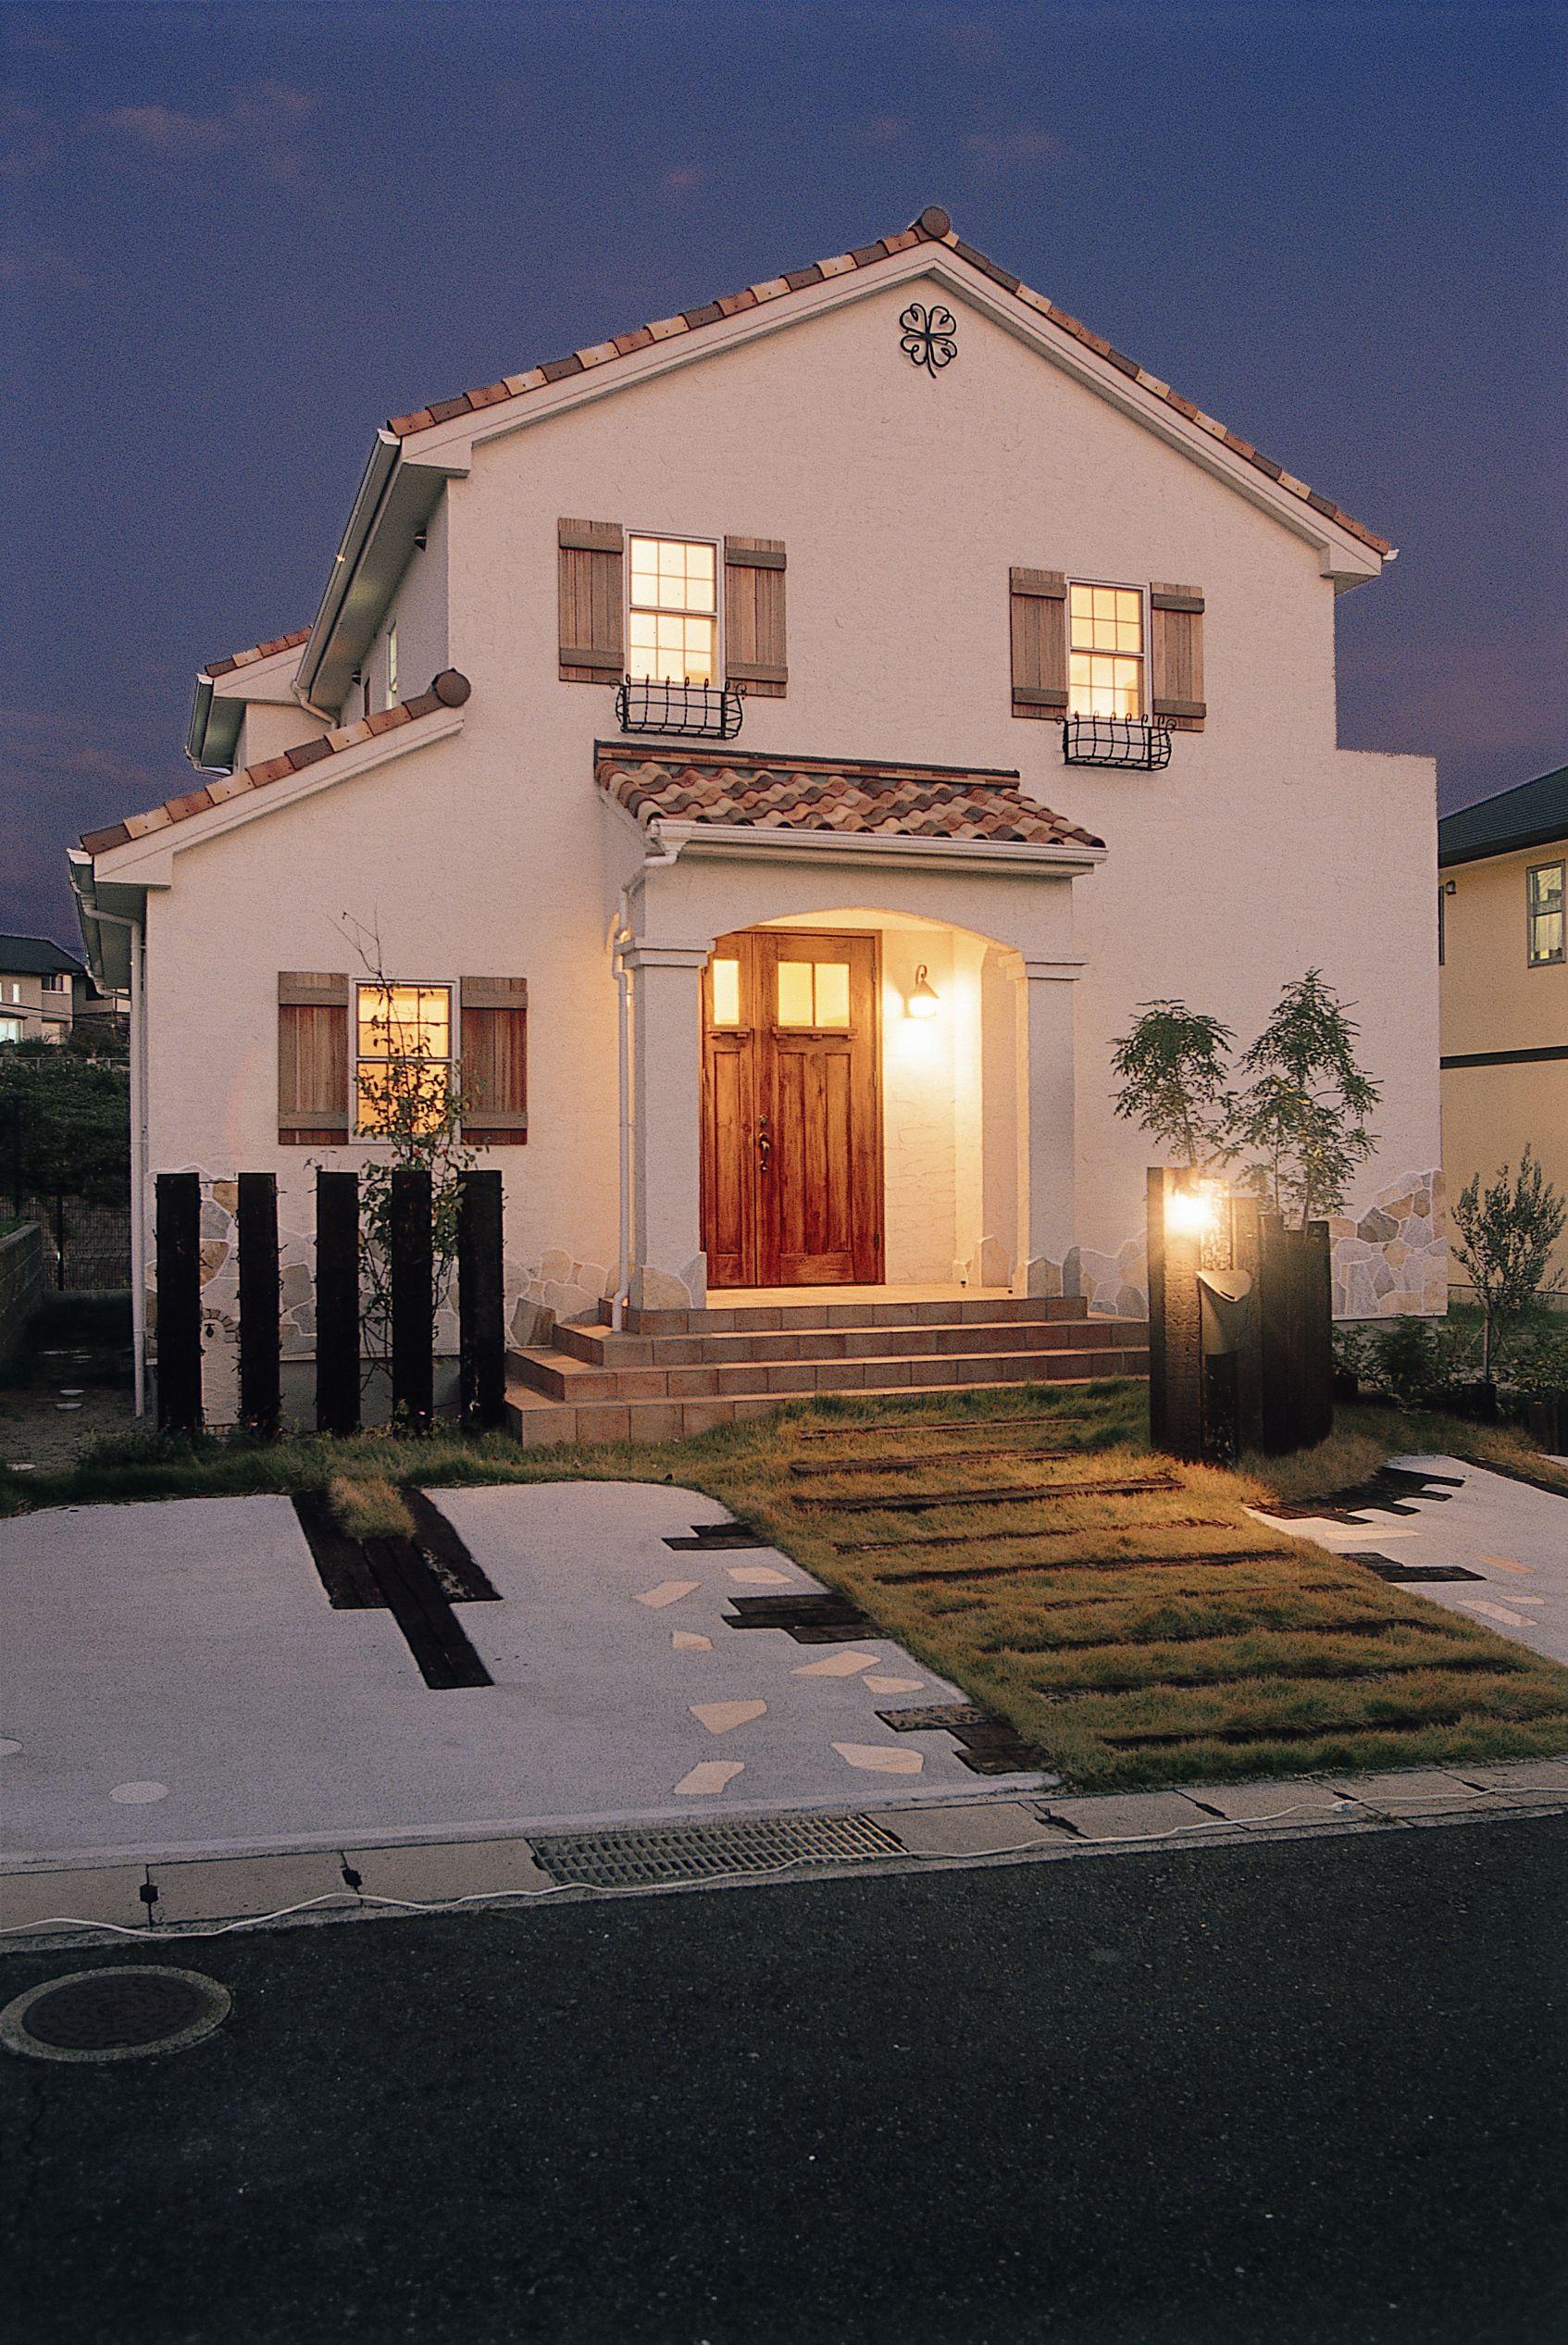 枕木門柱の船舶ライトがアクセントに ブルースホーム小倉 住宅 外観 マイホーム 外観 狭小ハウスデザイン